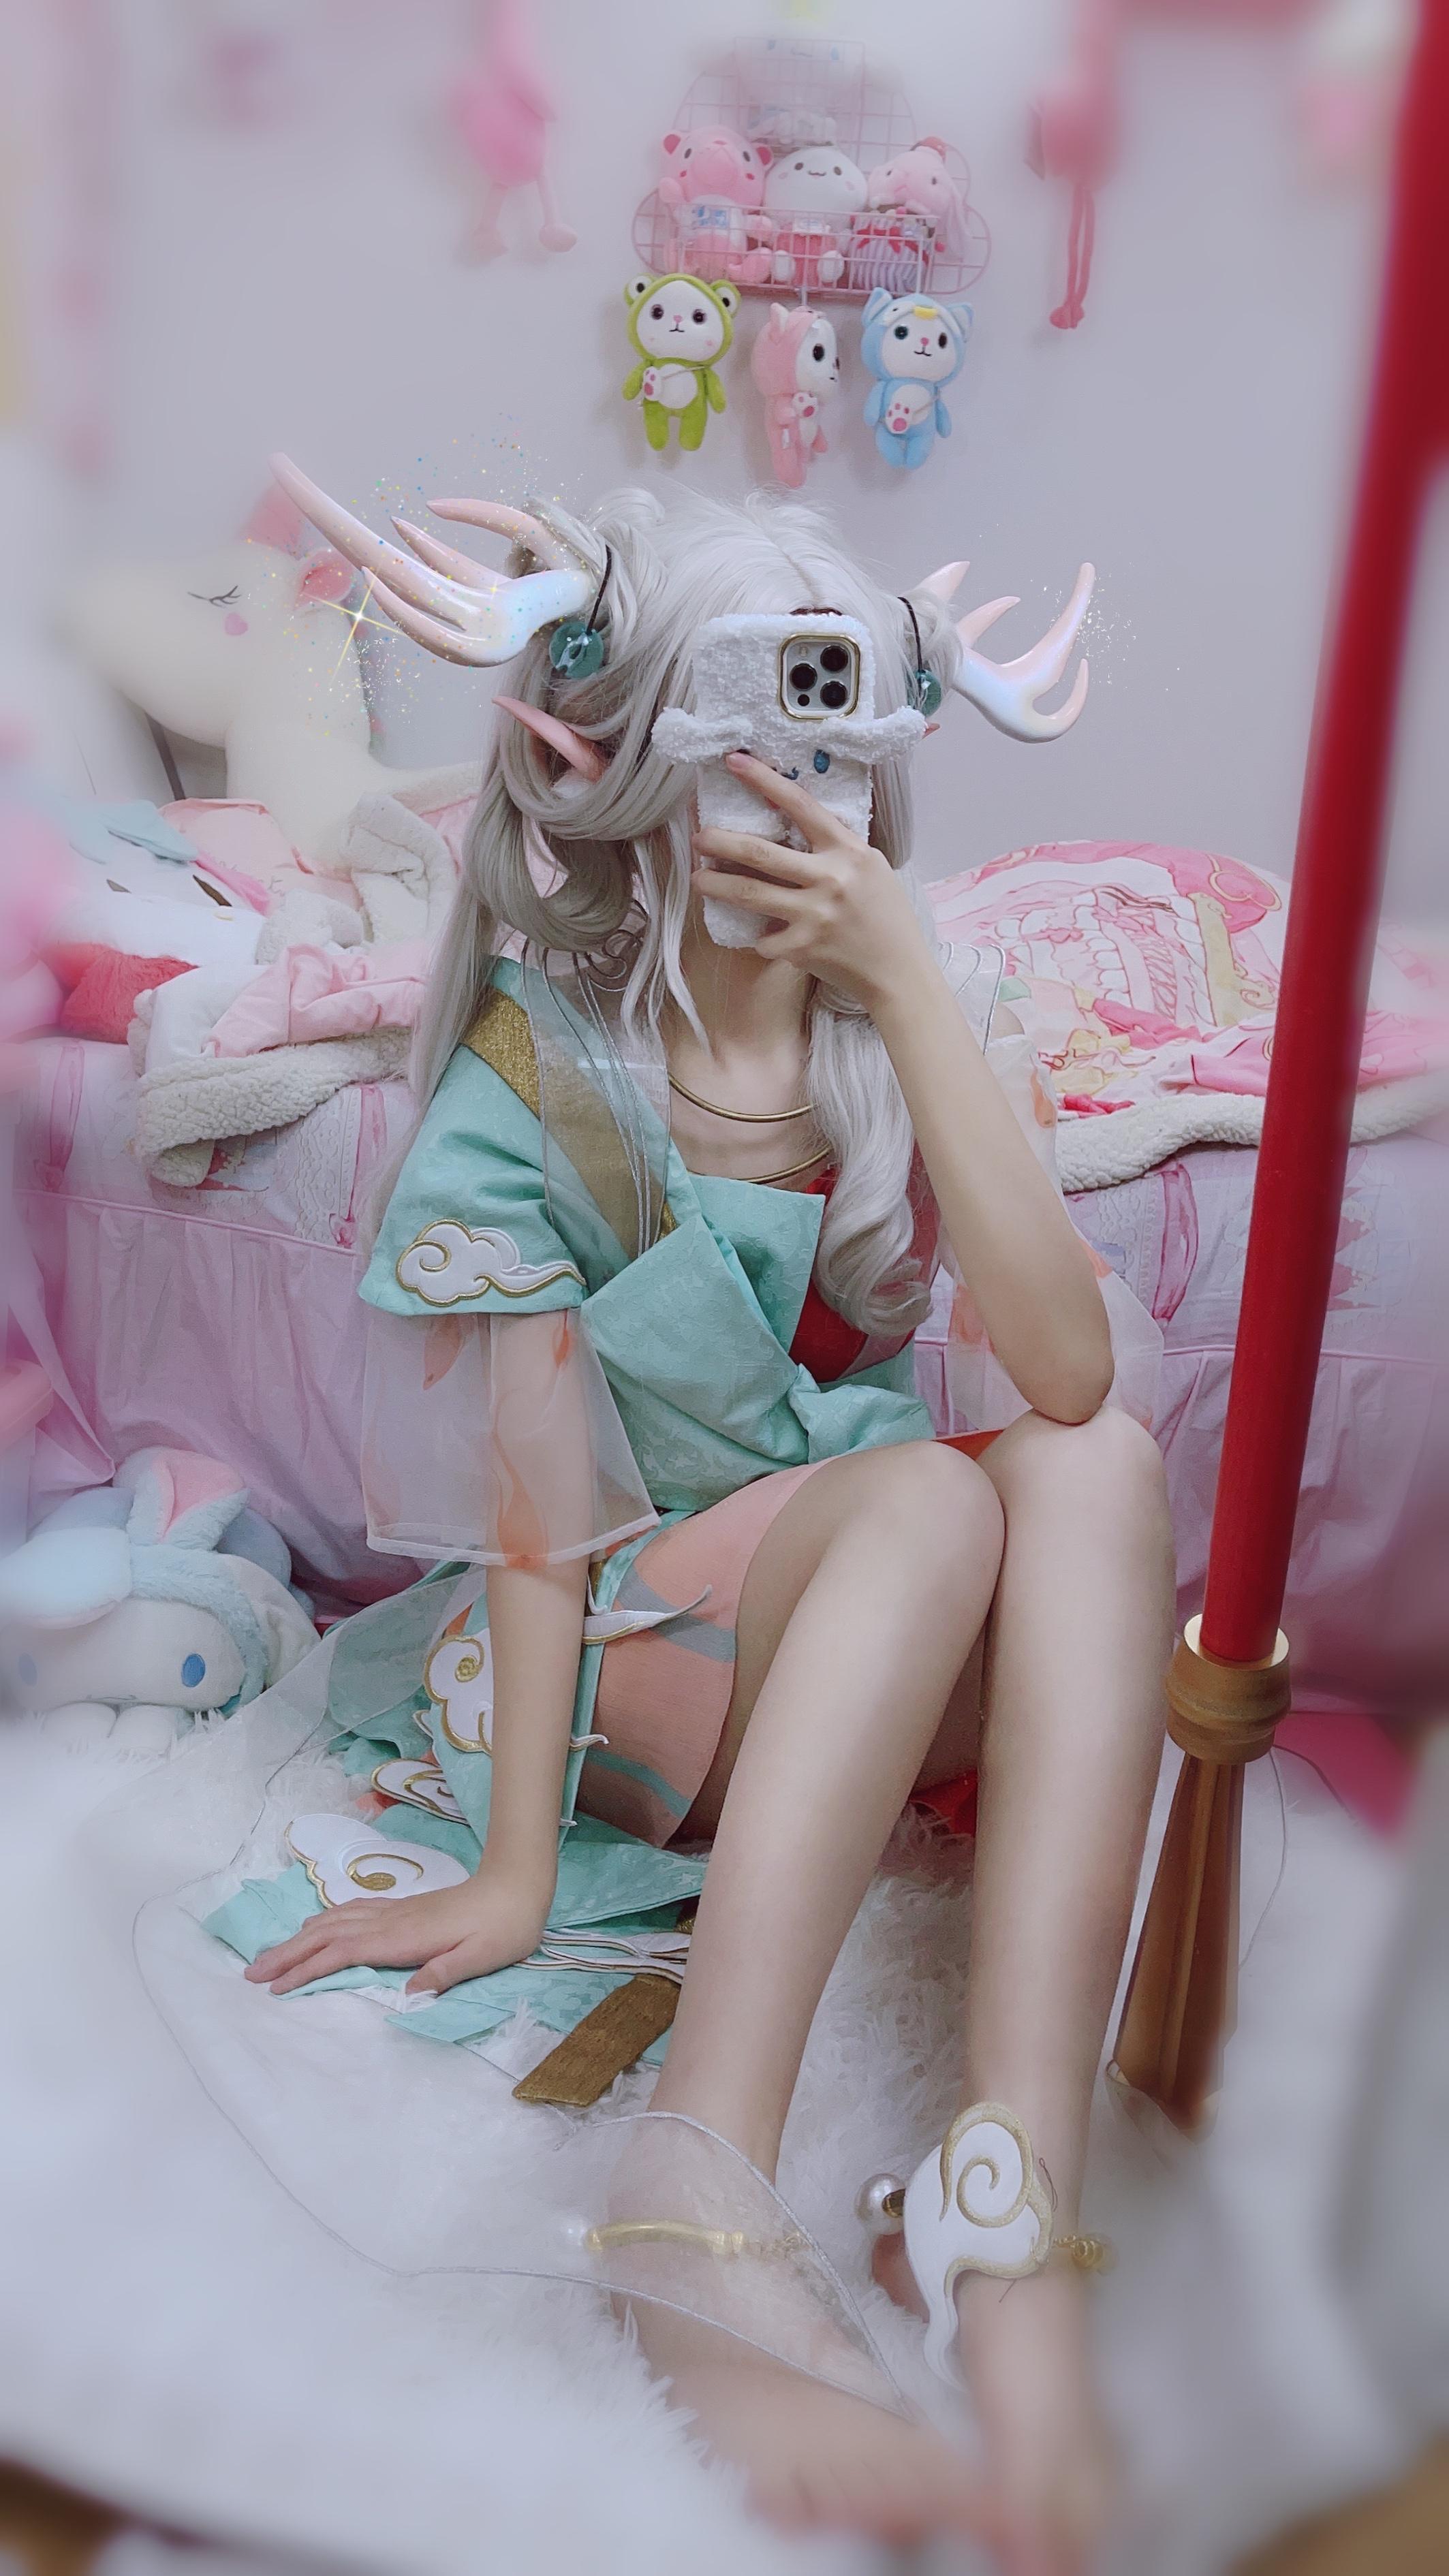 《王者荣耀》半次元cosplay【CN:美少女戰士】-第8张